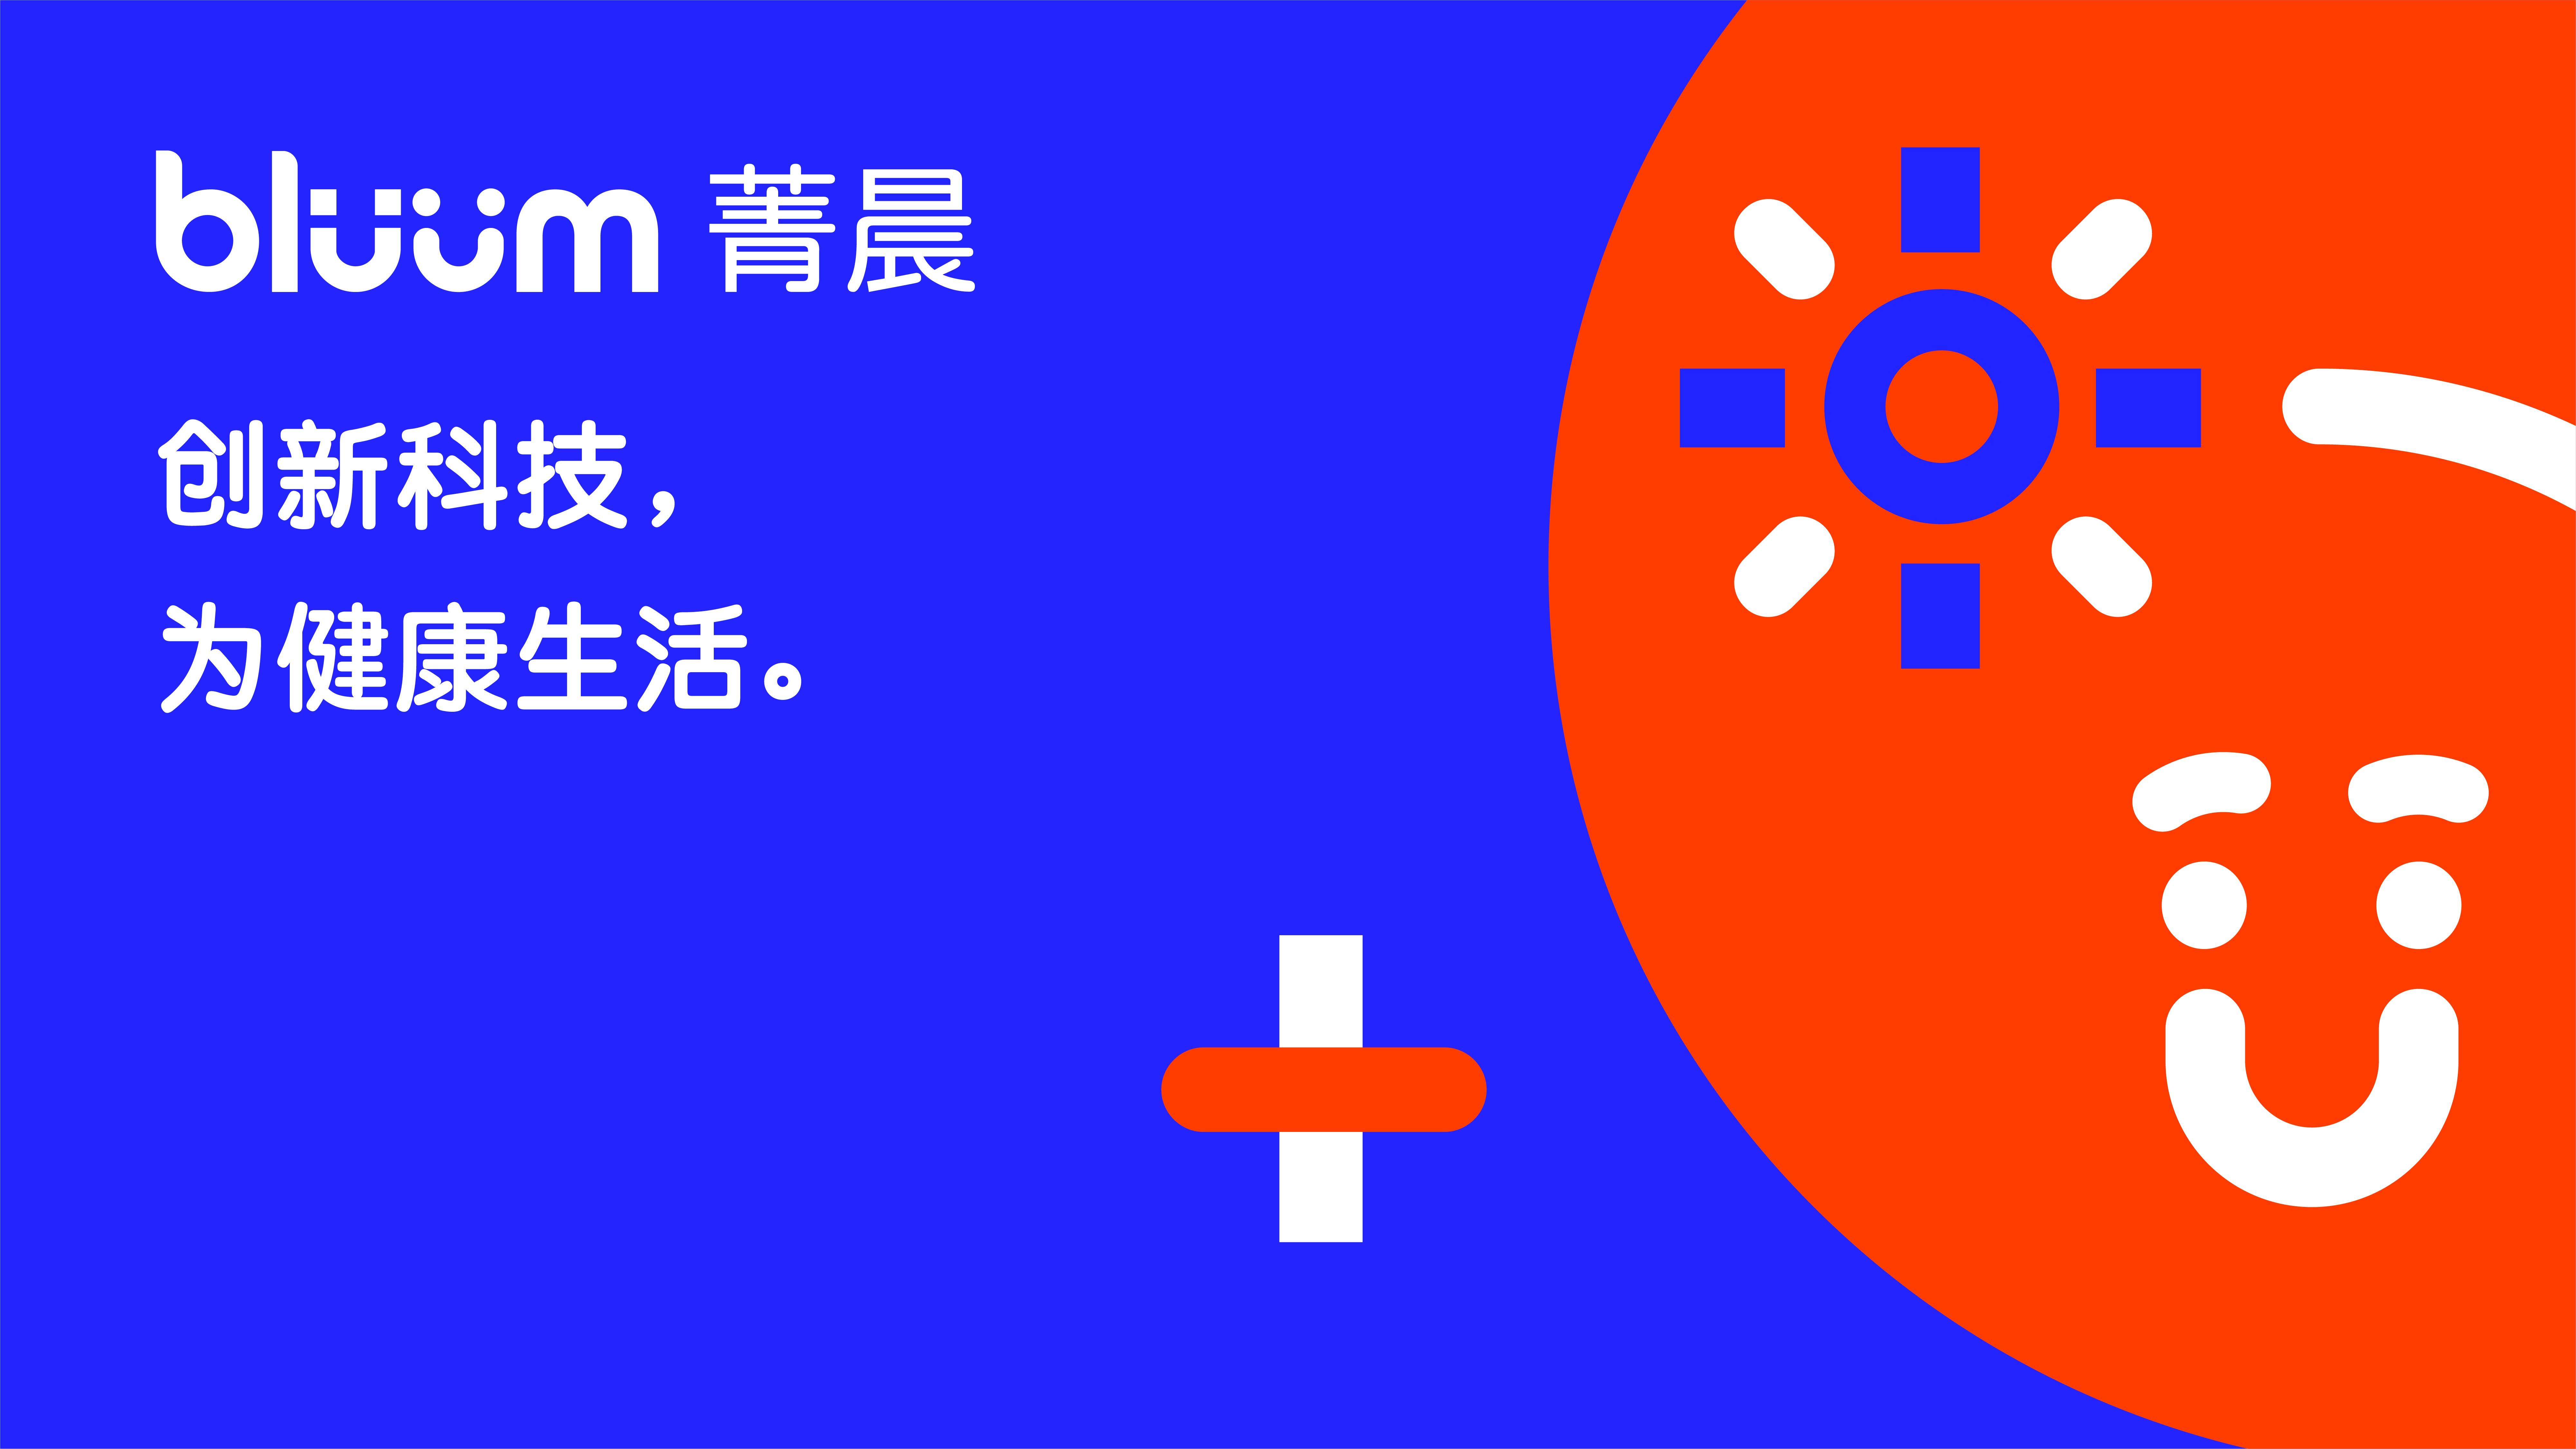 让健康更自由,健康险科技公司StartupCare菁晨品牌全面升级